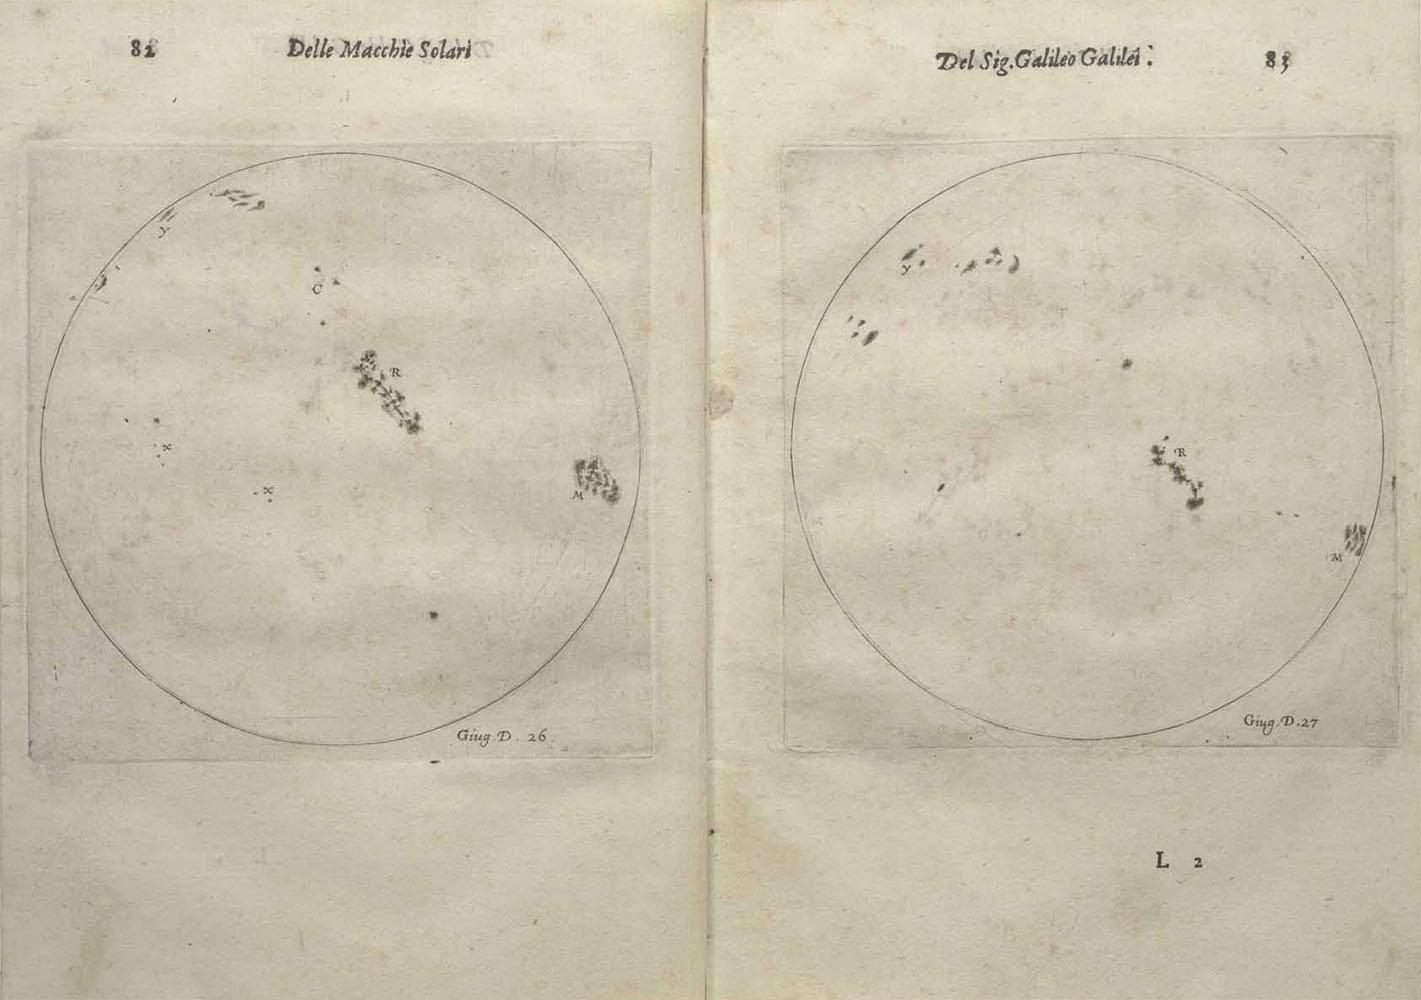 Galileovi crteži Sunca od 26. i 27. lipnja 1613. godine. © Ljubaznošću: Octavo